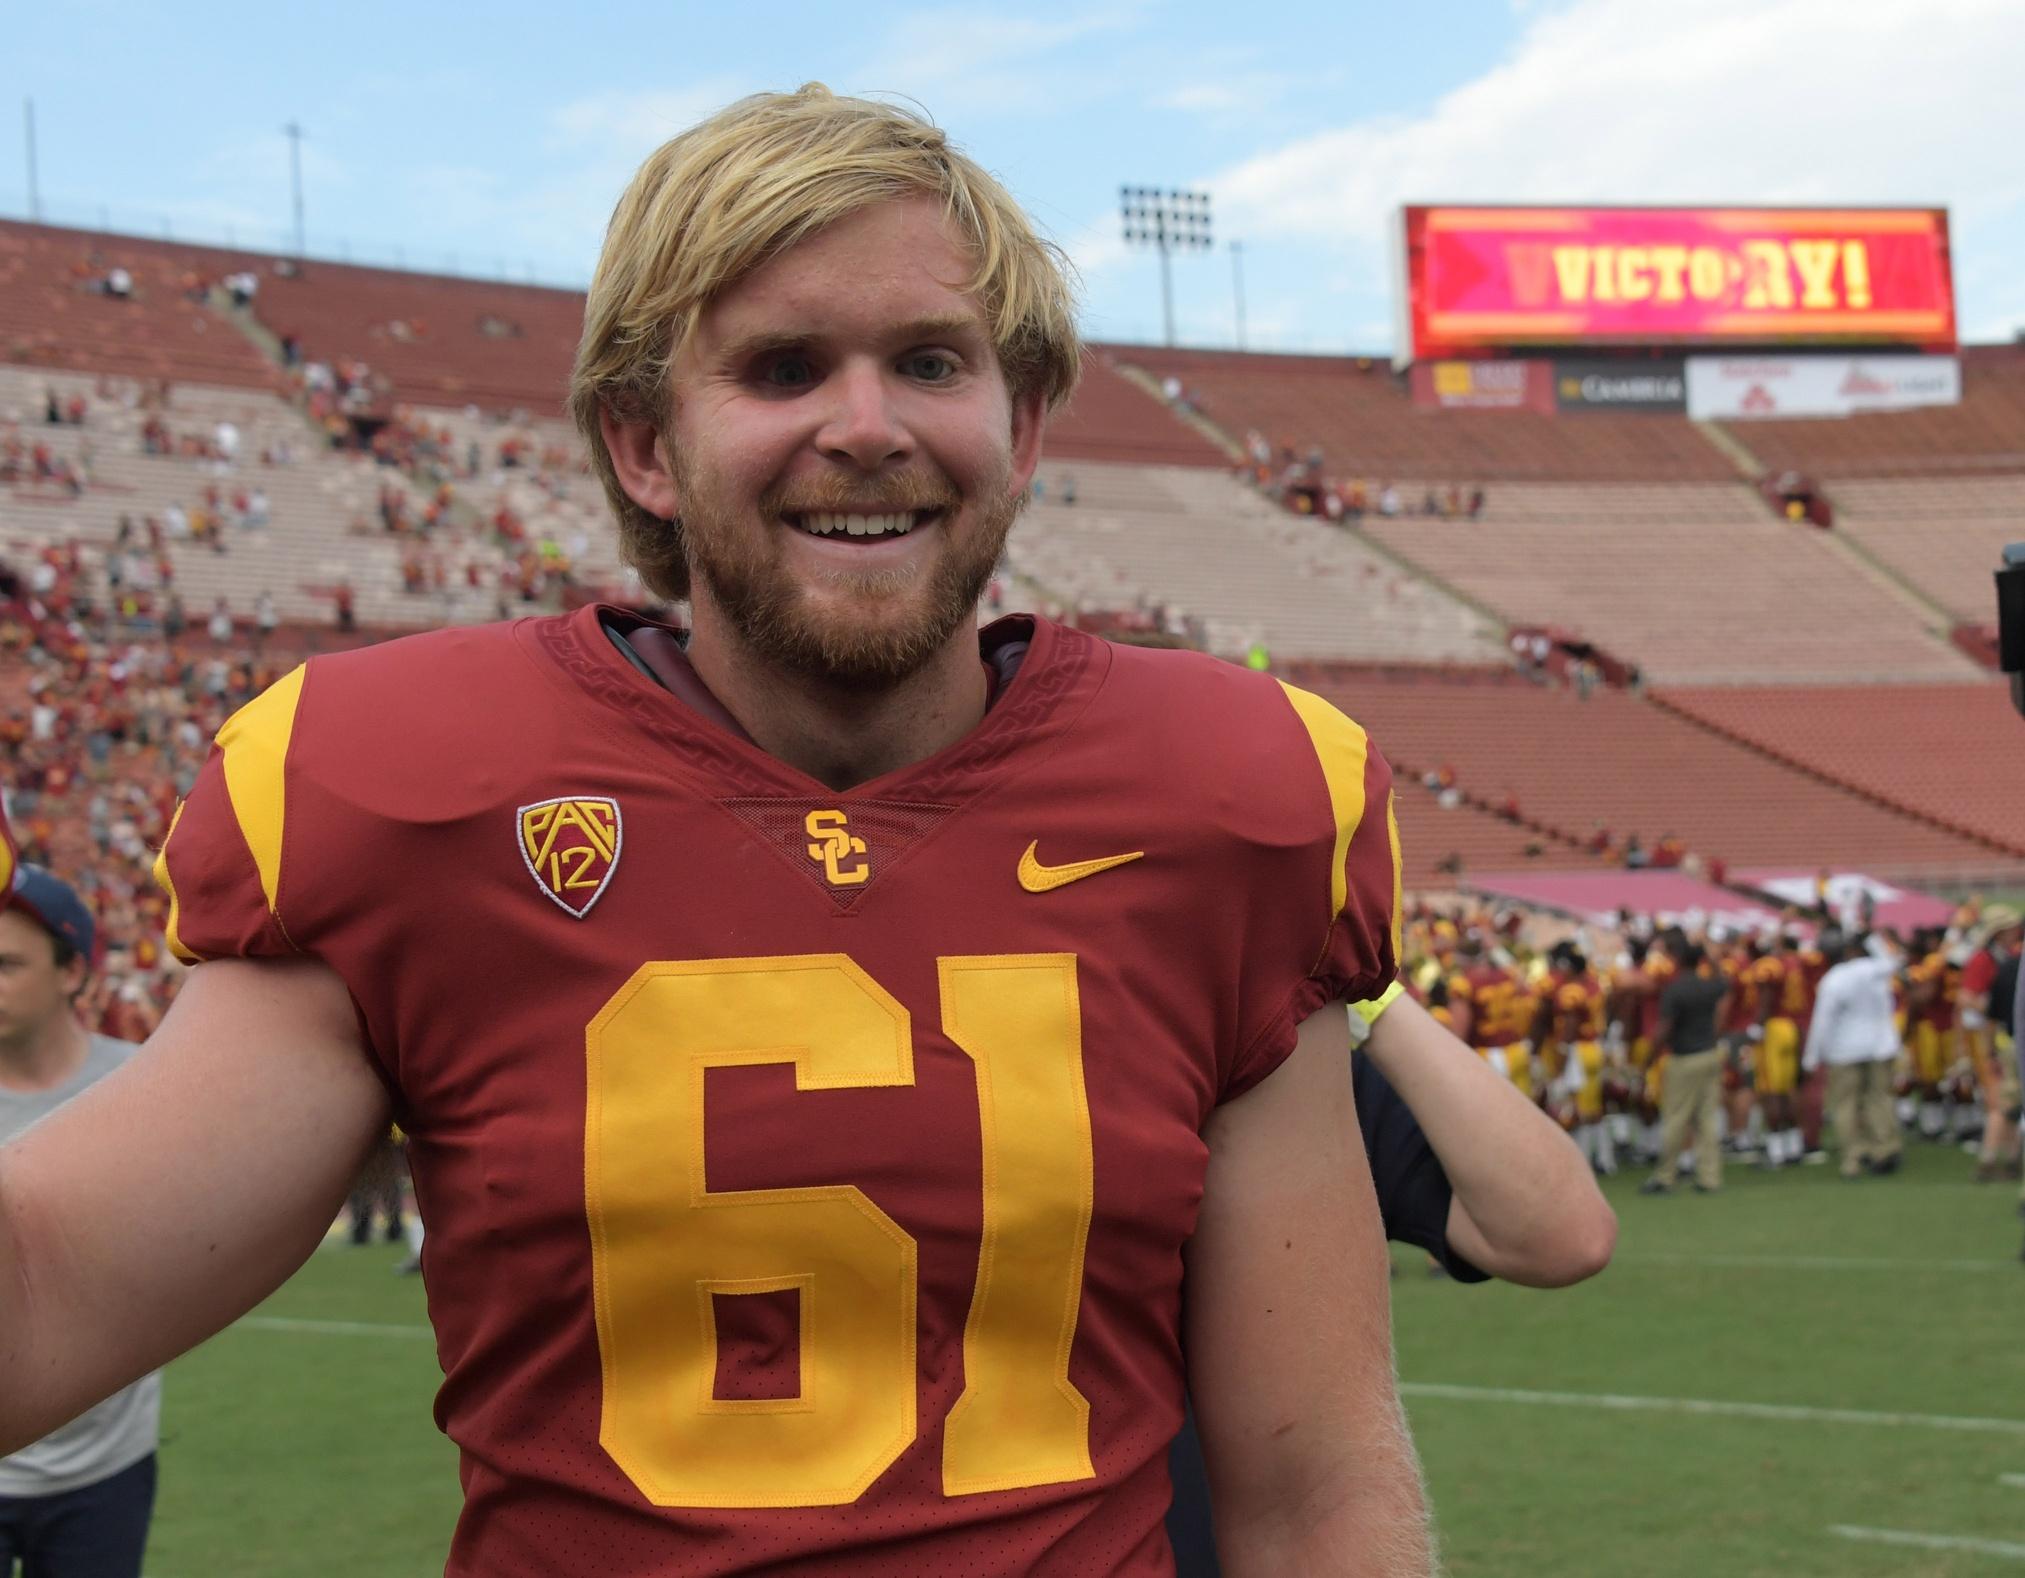 USC long-snapper Jake Olson